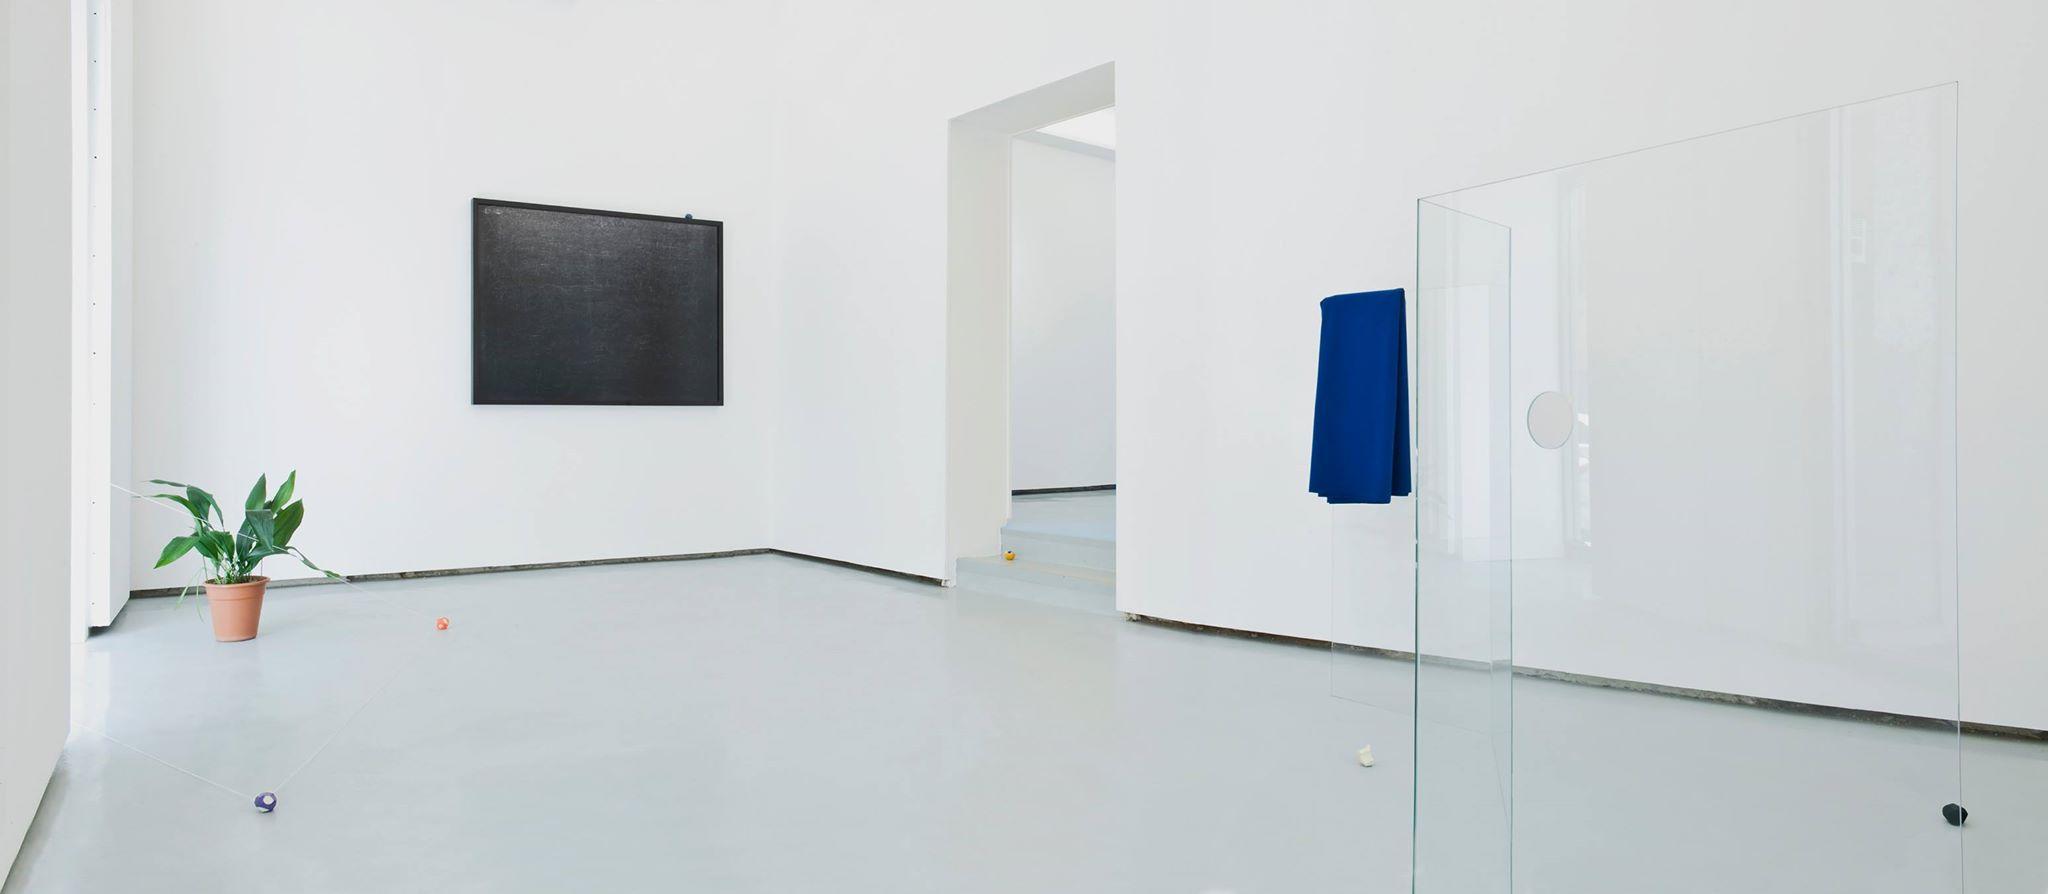 Vista de la exposición Principio de Incertidumbre en Galería The Goma, Madrid, 2014.